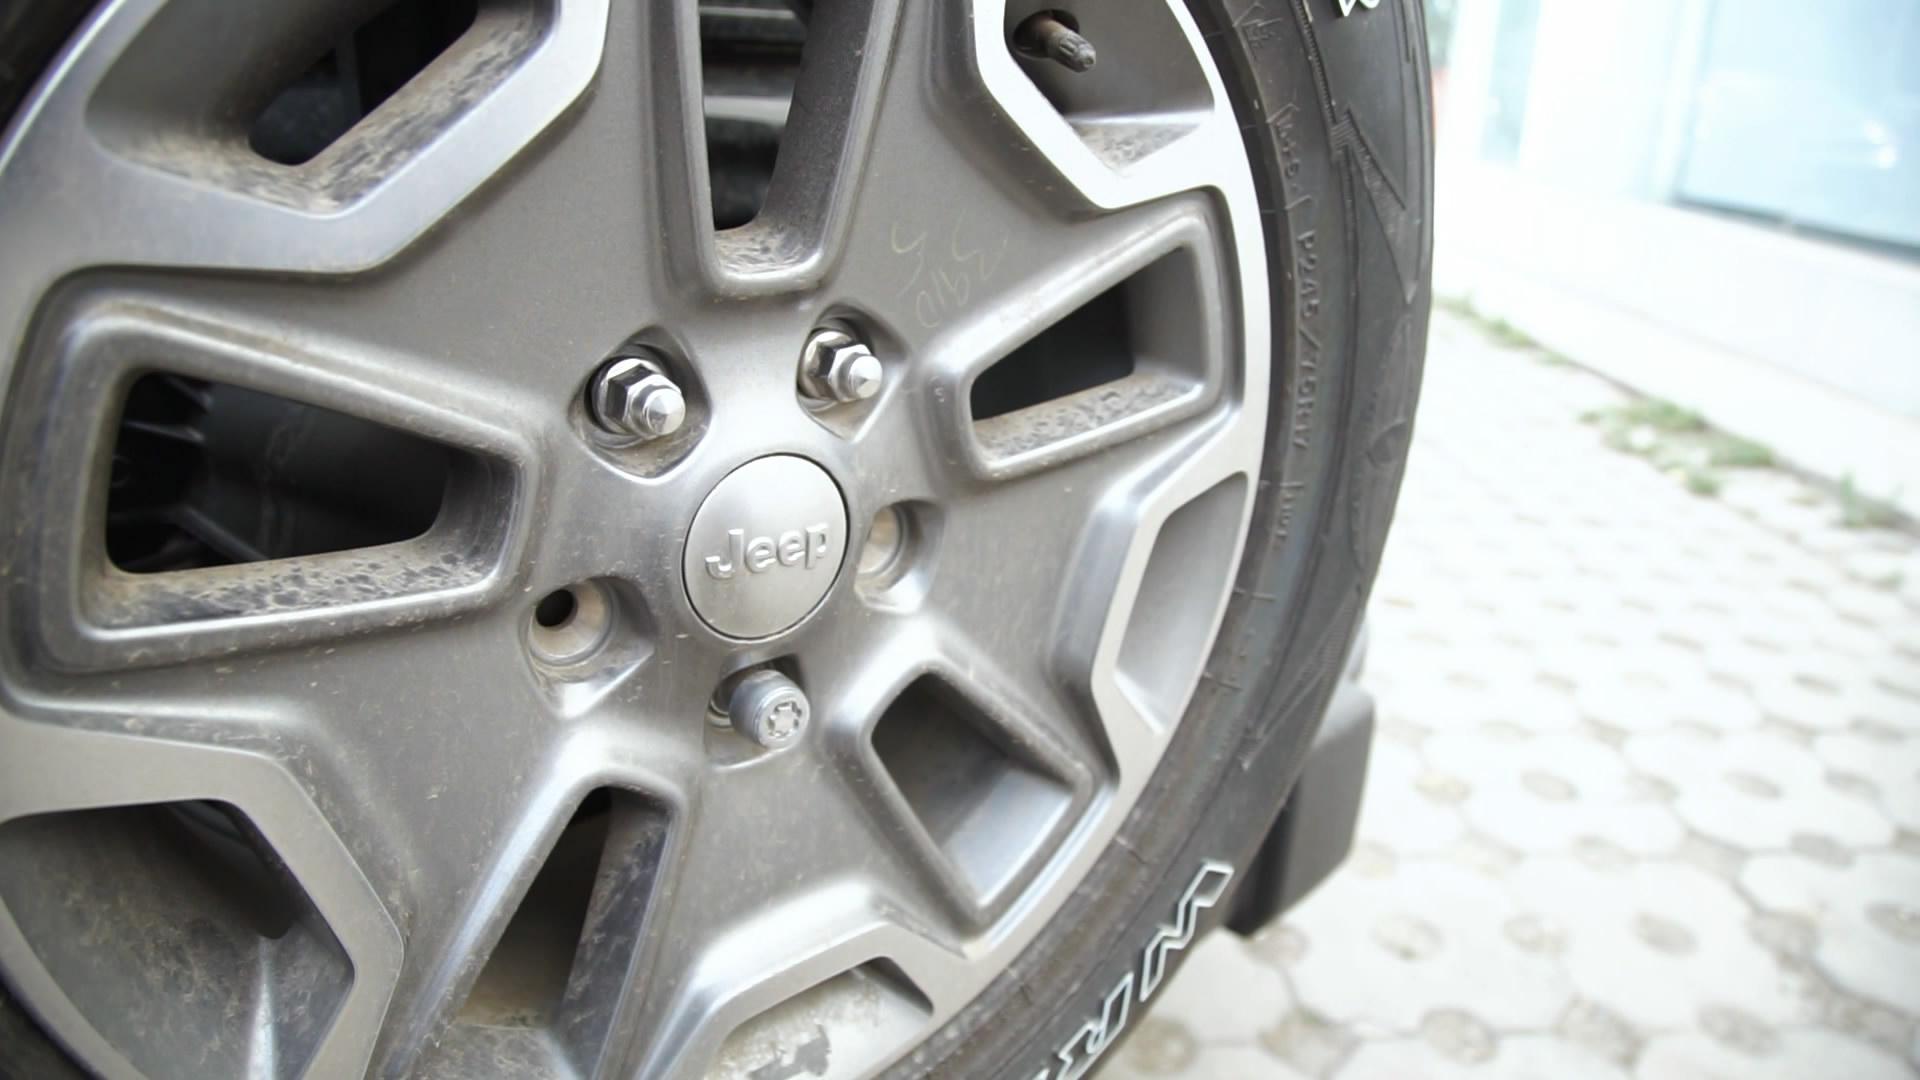 Jeep牧马人源自威利斯吉普车的经典车头造型被沿用至今,让牧马人拥有很高的辨识度,成为车型精髓的一部分,而剩下的,或许只有当你开着它翻山越岭时才能充分体会。 对于一个资深的越野玩家来说,DIY更换轮胎是基本技能。Jeep不仅配有外挂式备胎,还有防盗螺栓,有效防止轮胎被盗,快来看看如何使用吧!  Jeep牧马人的尾门与后车窗可以实现独立开启,车辆的工具箱位于后备箱内。  工具位于后备箱隔板内,旋转软性拉环即可打开。工具储物槽内可以放螺丝和工具等物品。  将隔板拆卸下来后,可以取出里面的千斤顶和轮胎扳手。